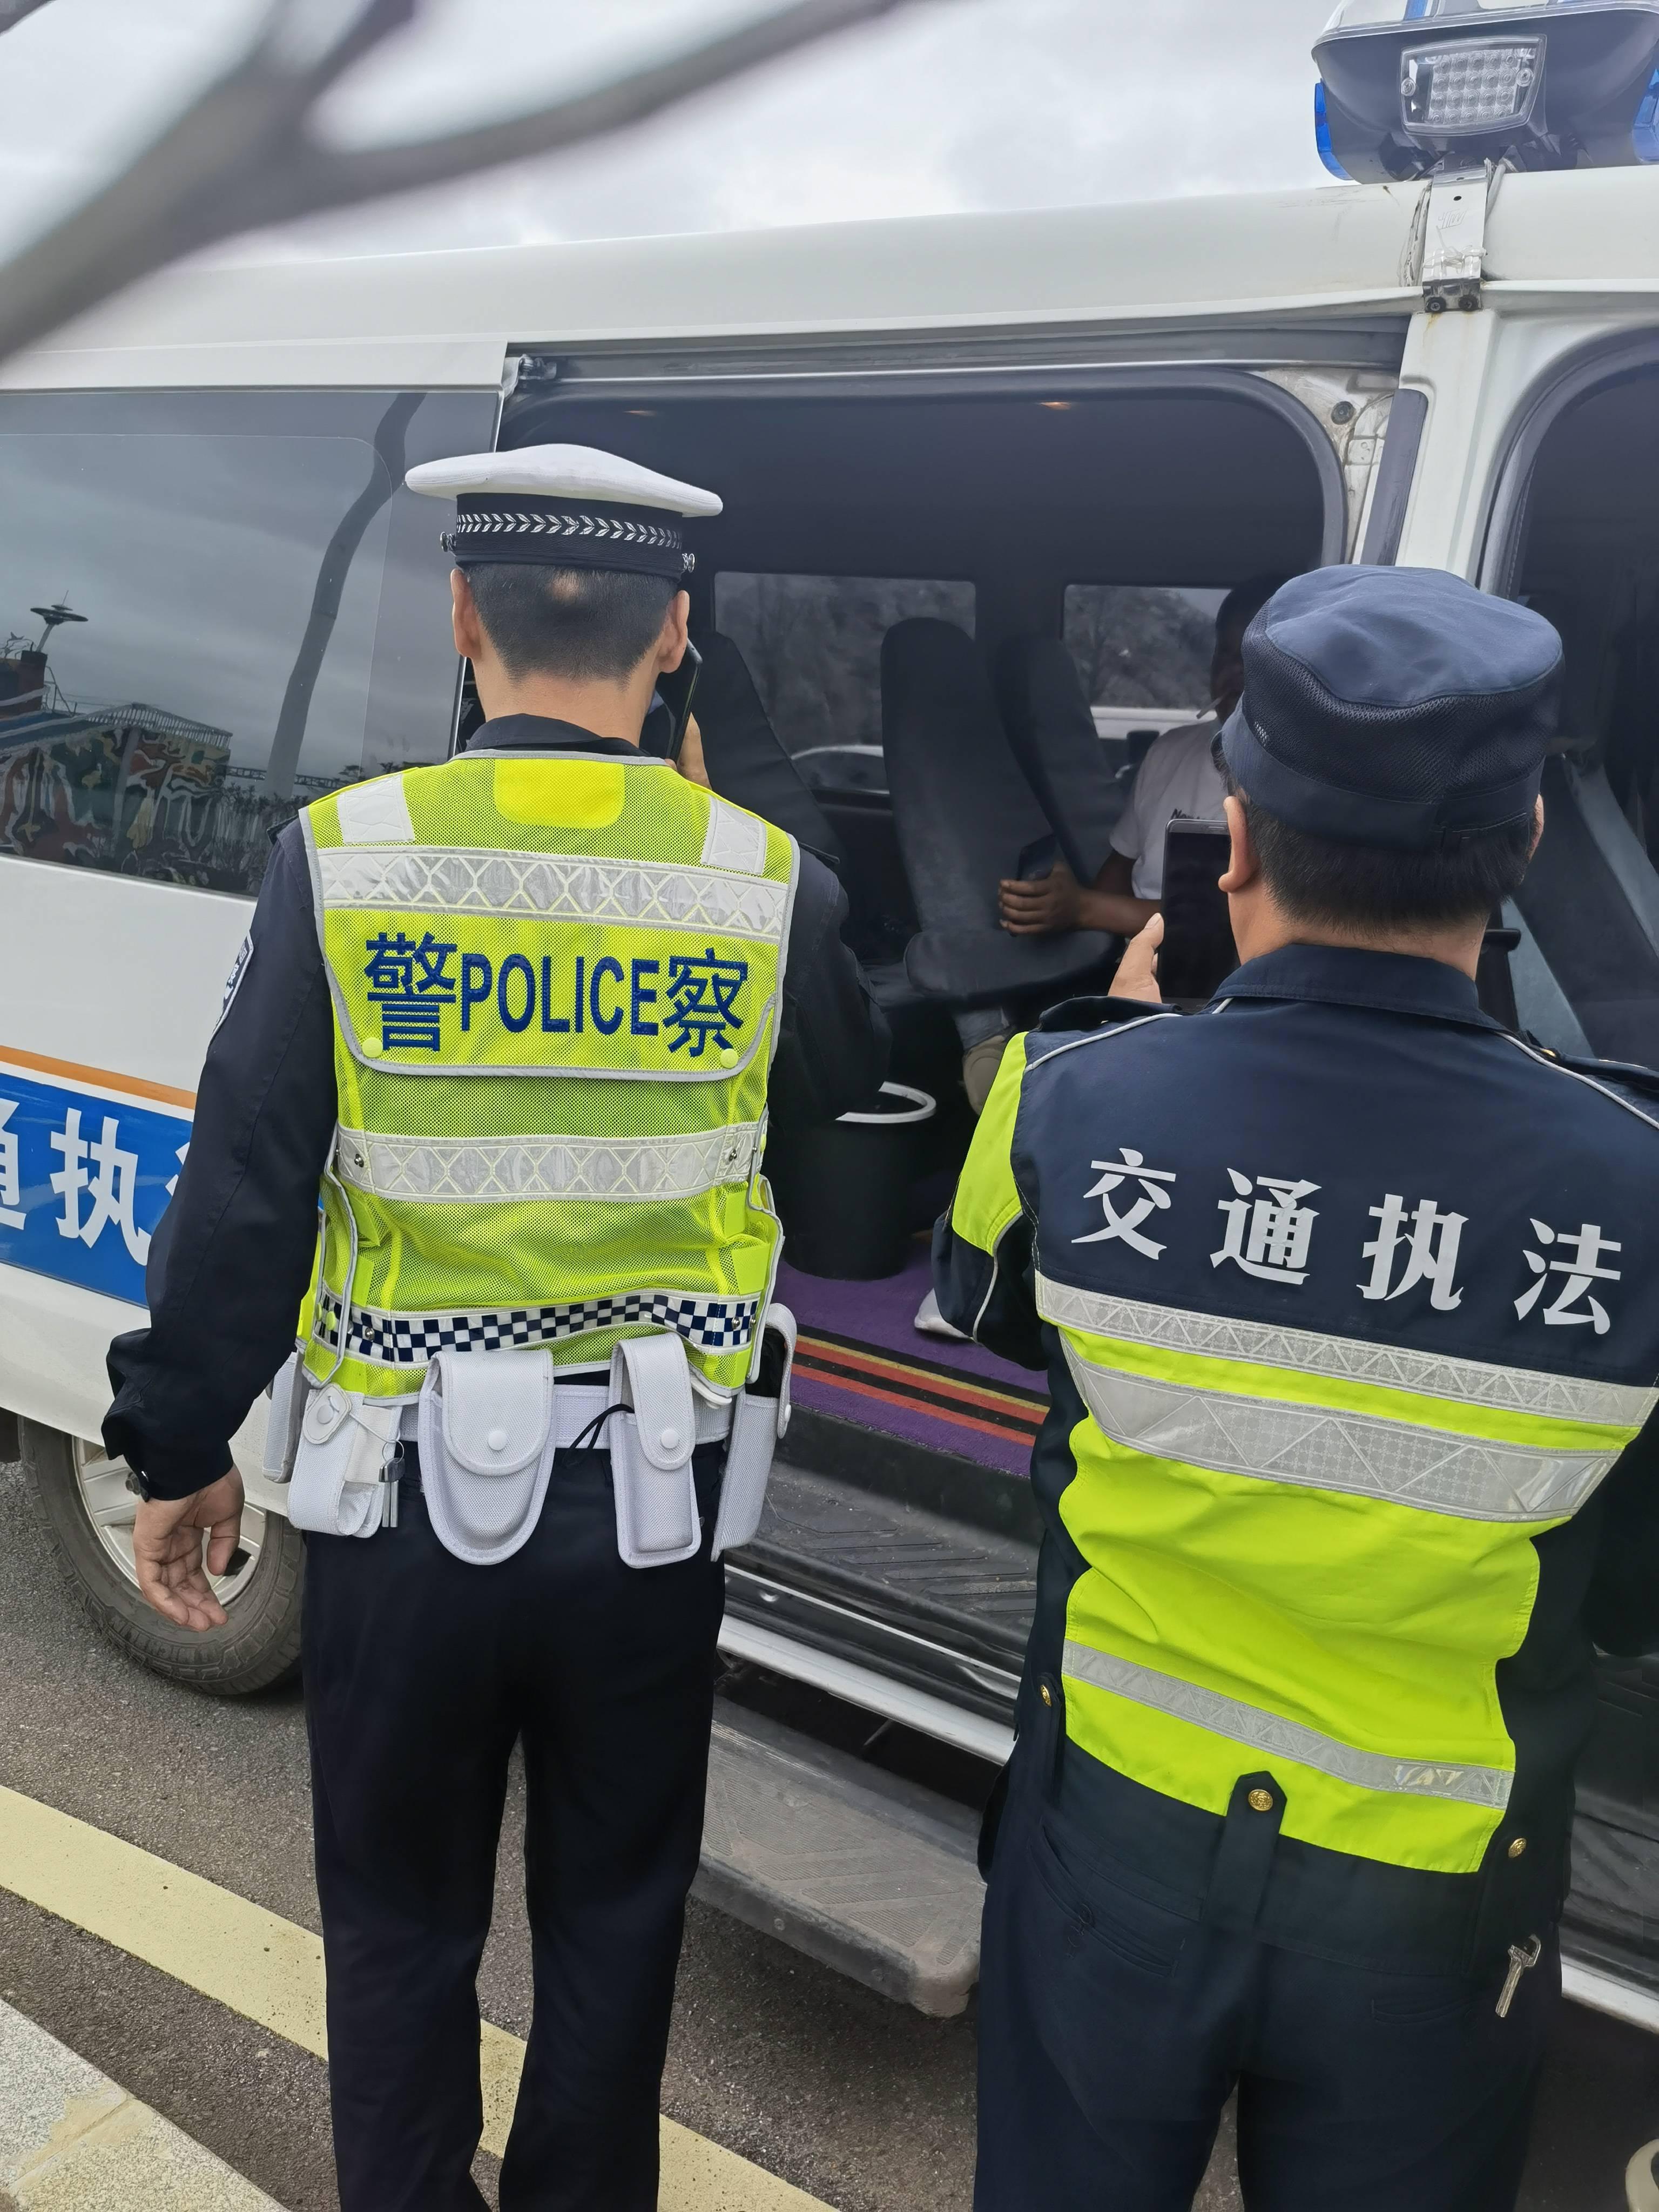 威宁县黑石镇一驾驶员涉嫌非法营运还阻碍执法被行政拘留